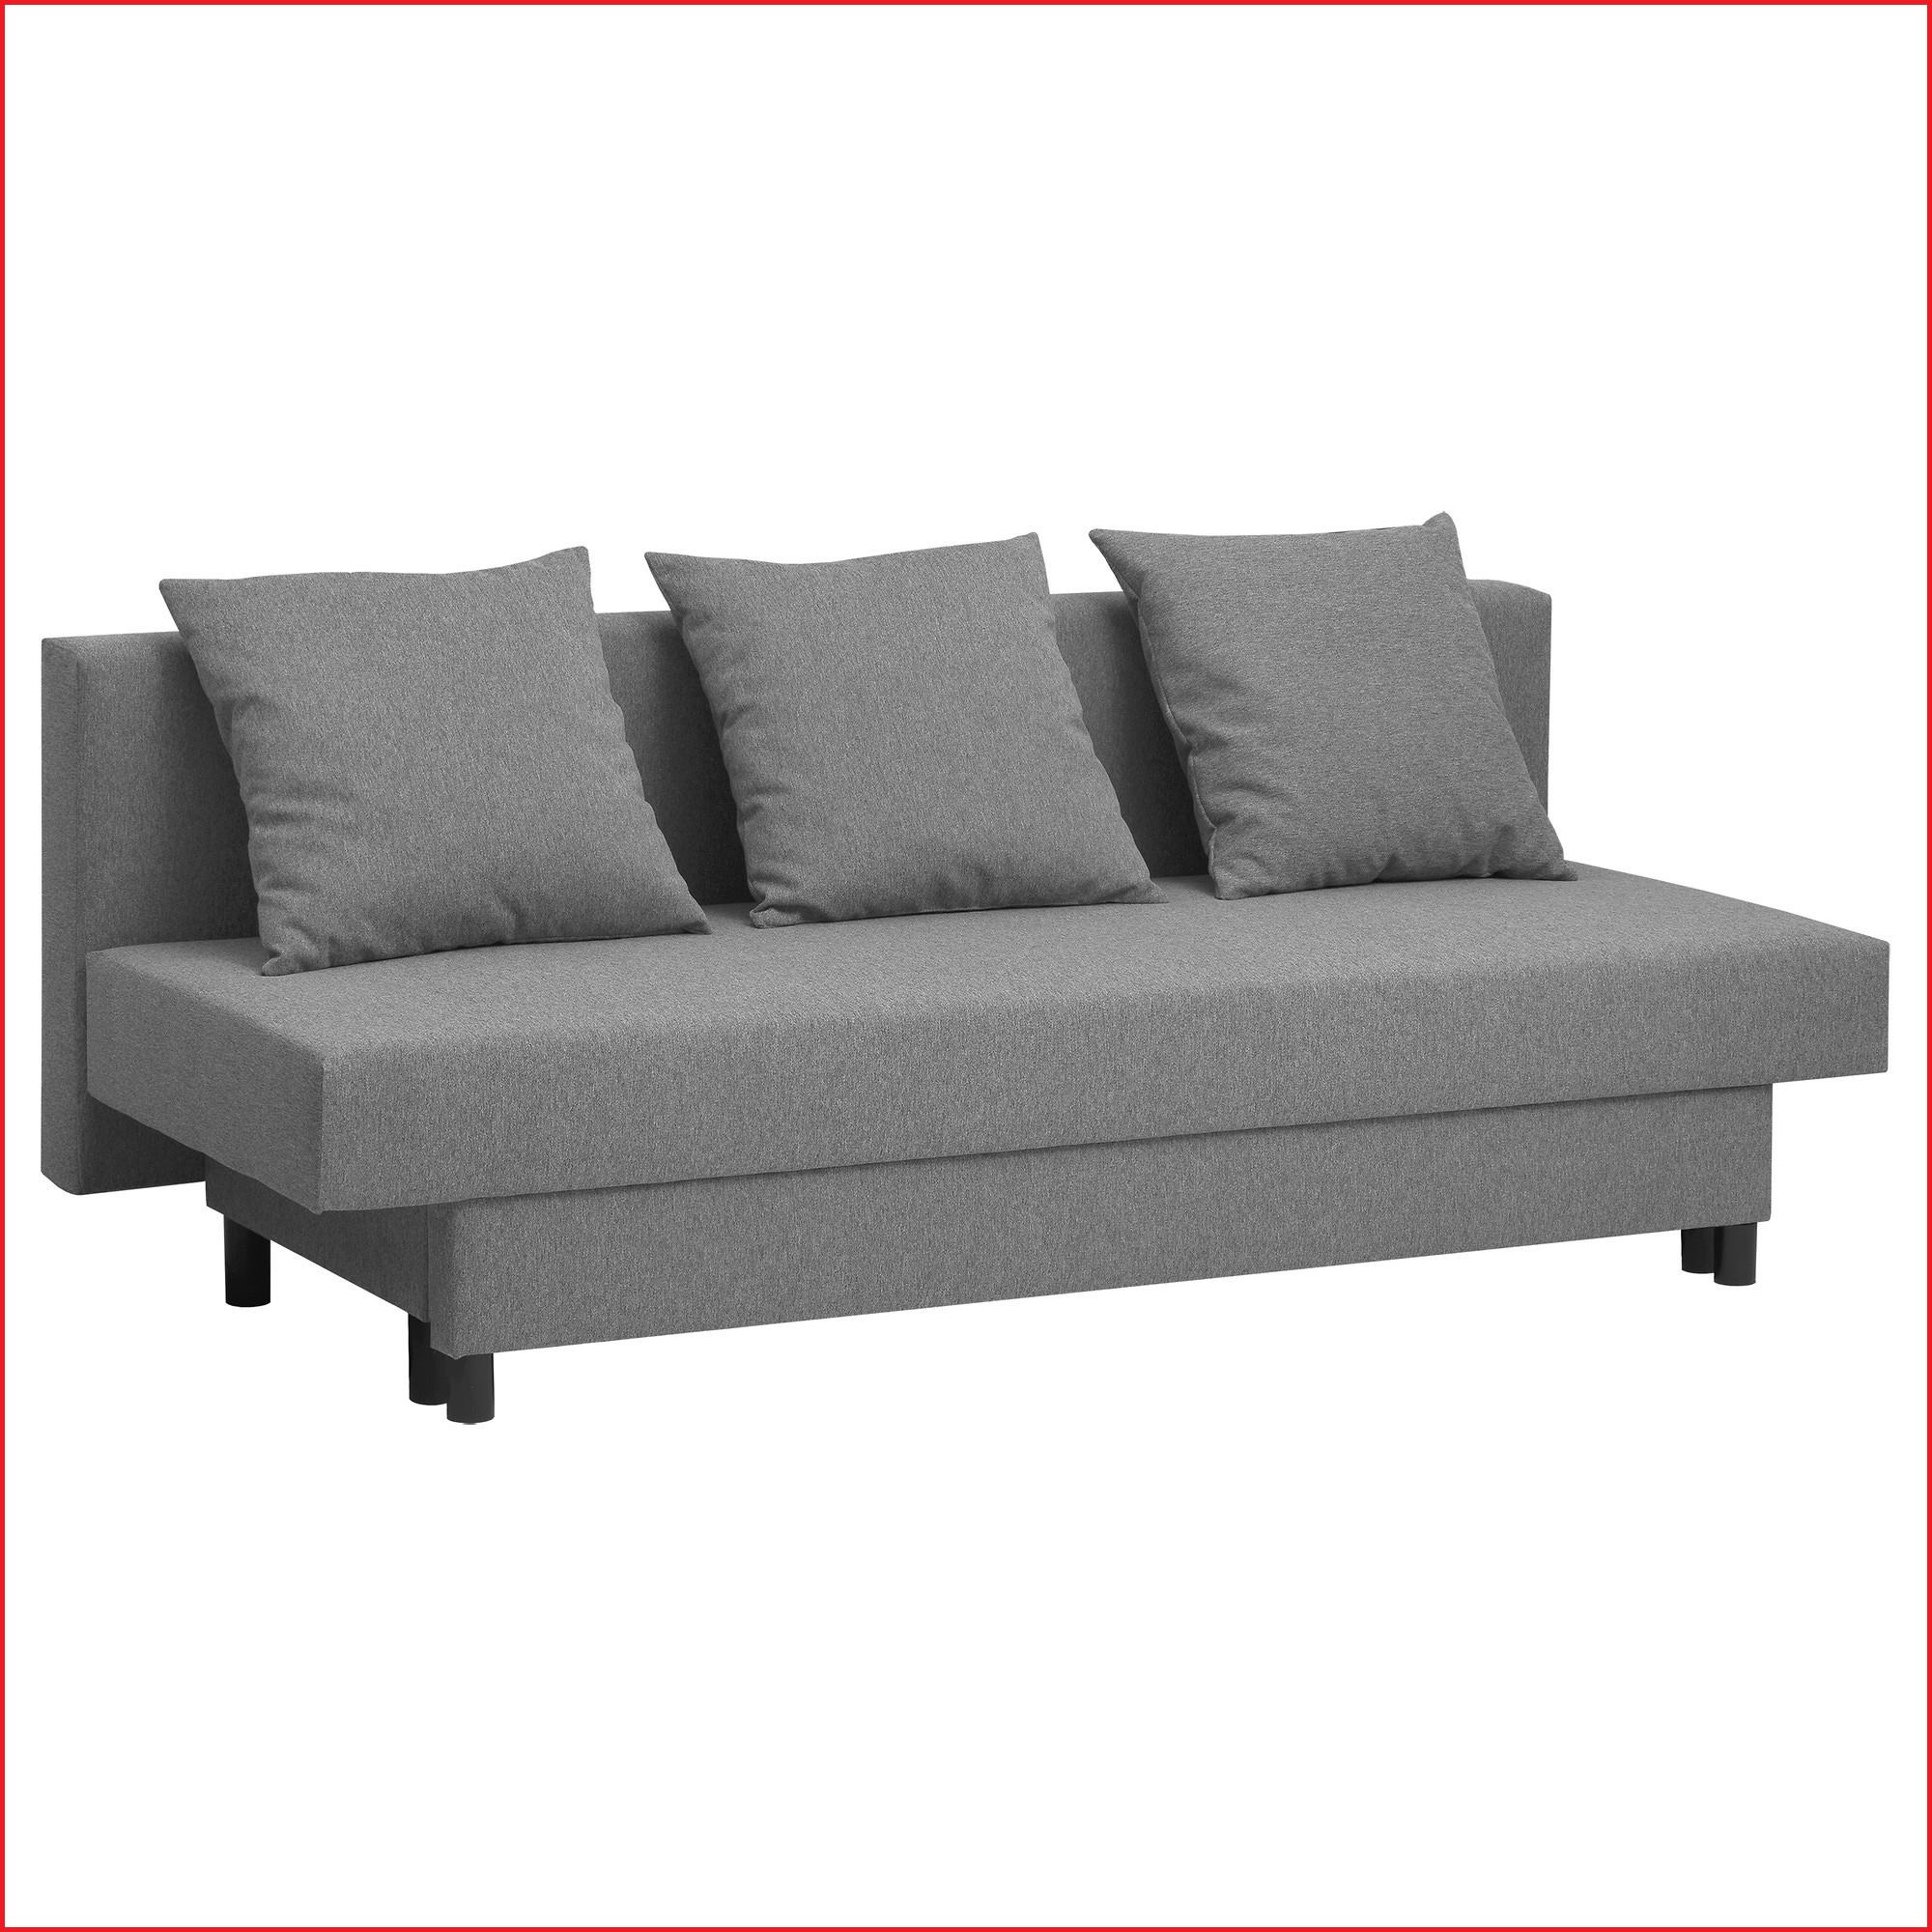 Sofas Y Sillones Ikea Q0d4 sofa Ikea Cama sofa Cama Ikea sofà S Cama Y Sillones Cama